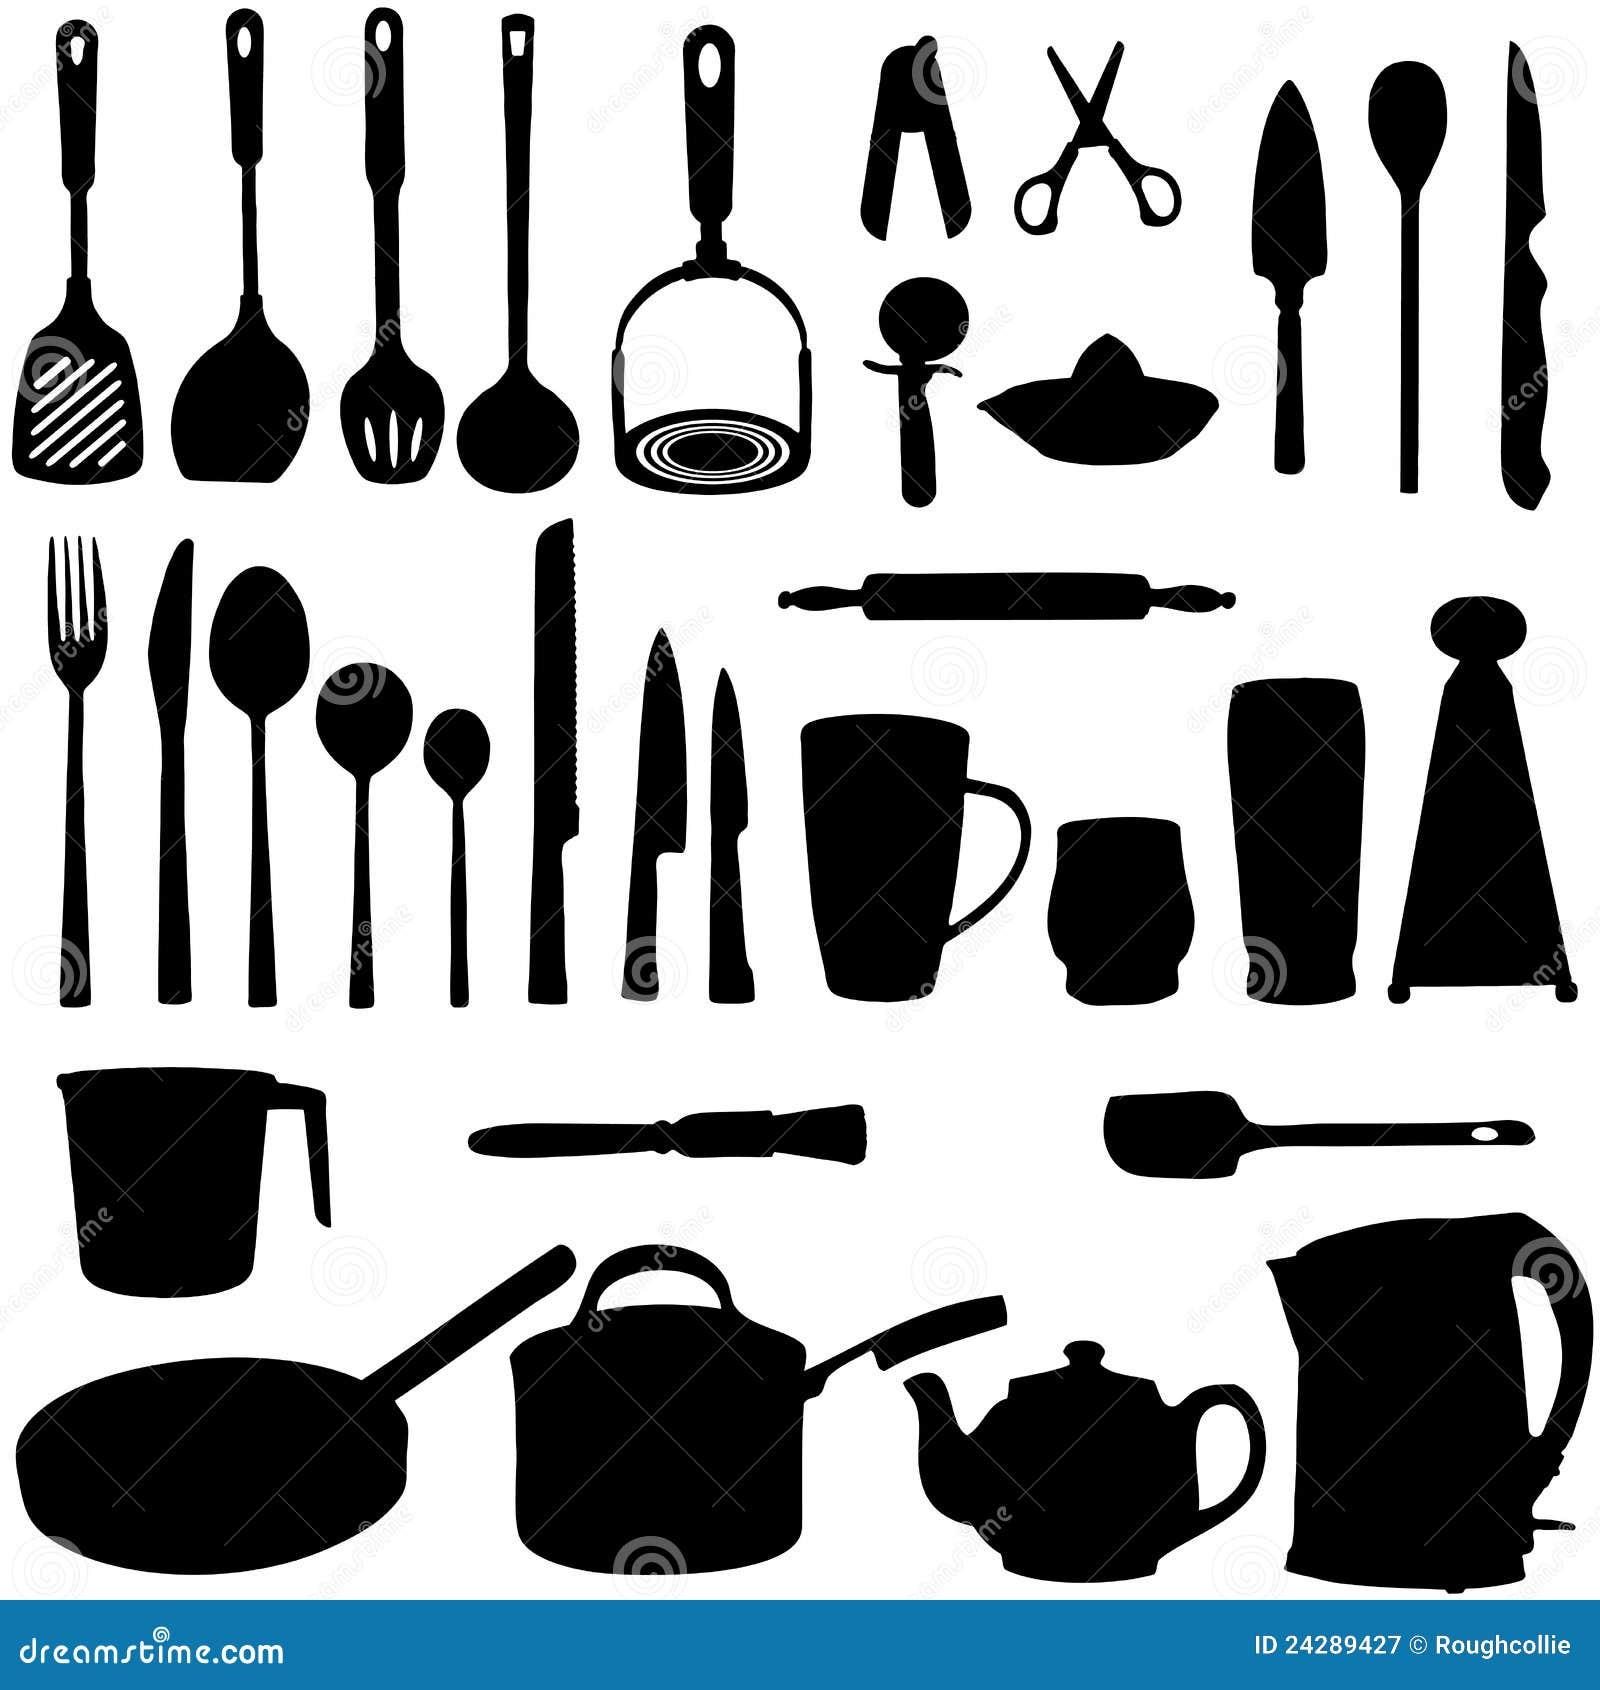 silhouette d 39 ustensiles de cuisine photographie stock libre de droits image 24289427. Black Bedroom Furniture Sets. Home Design Ideas